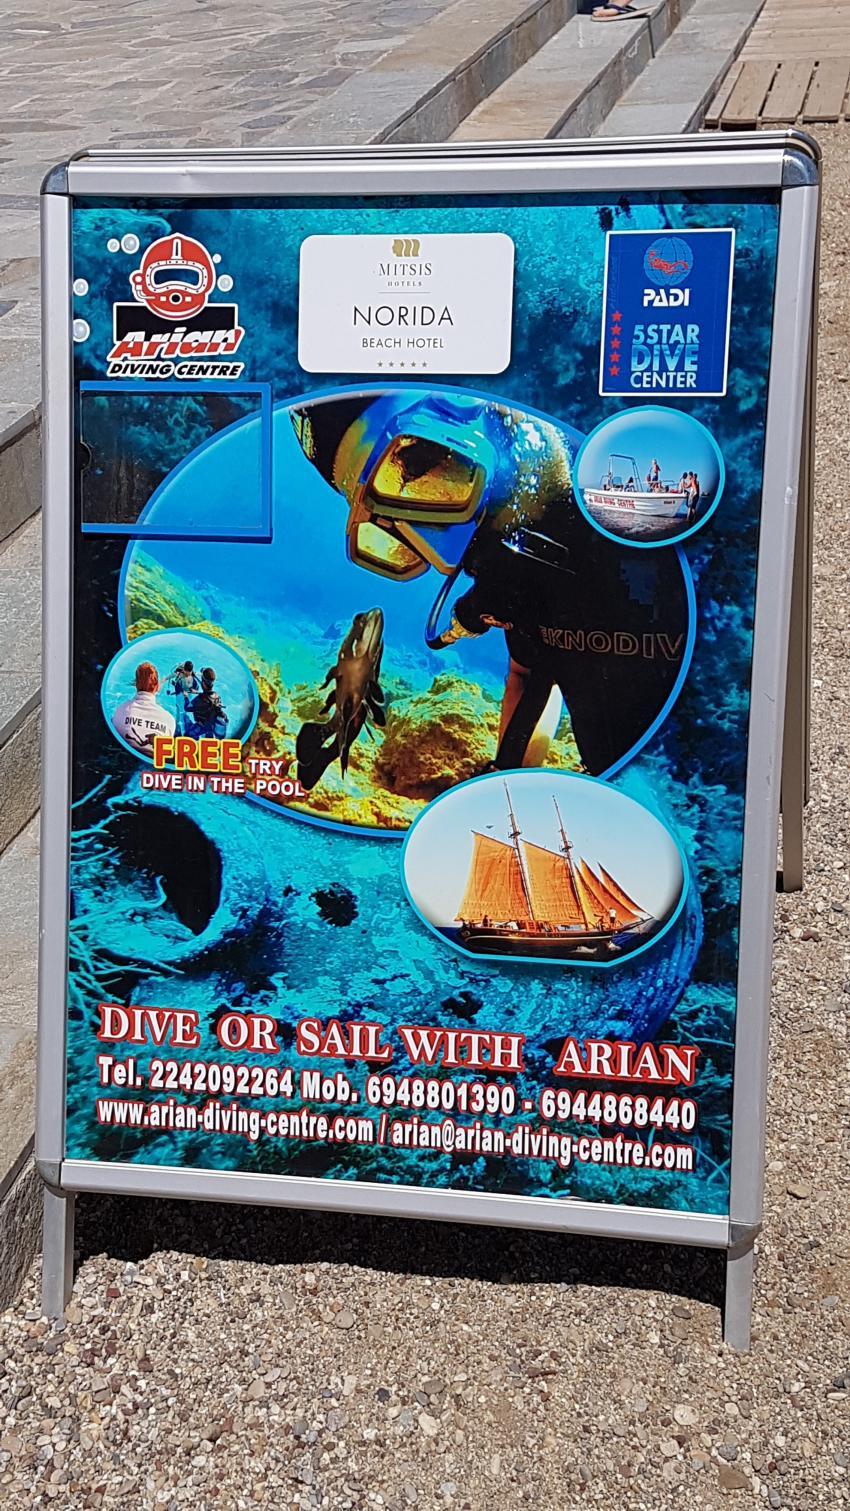 Norida Beach Aufsteller, Arian Diving Center, Kos, Kardamena, Griechenland